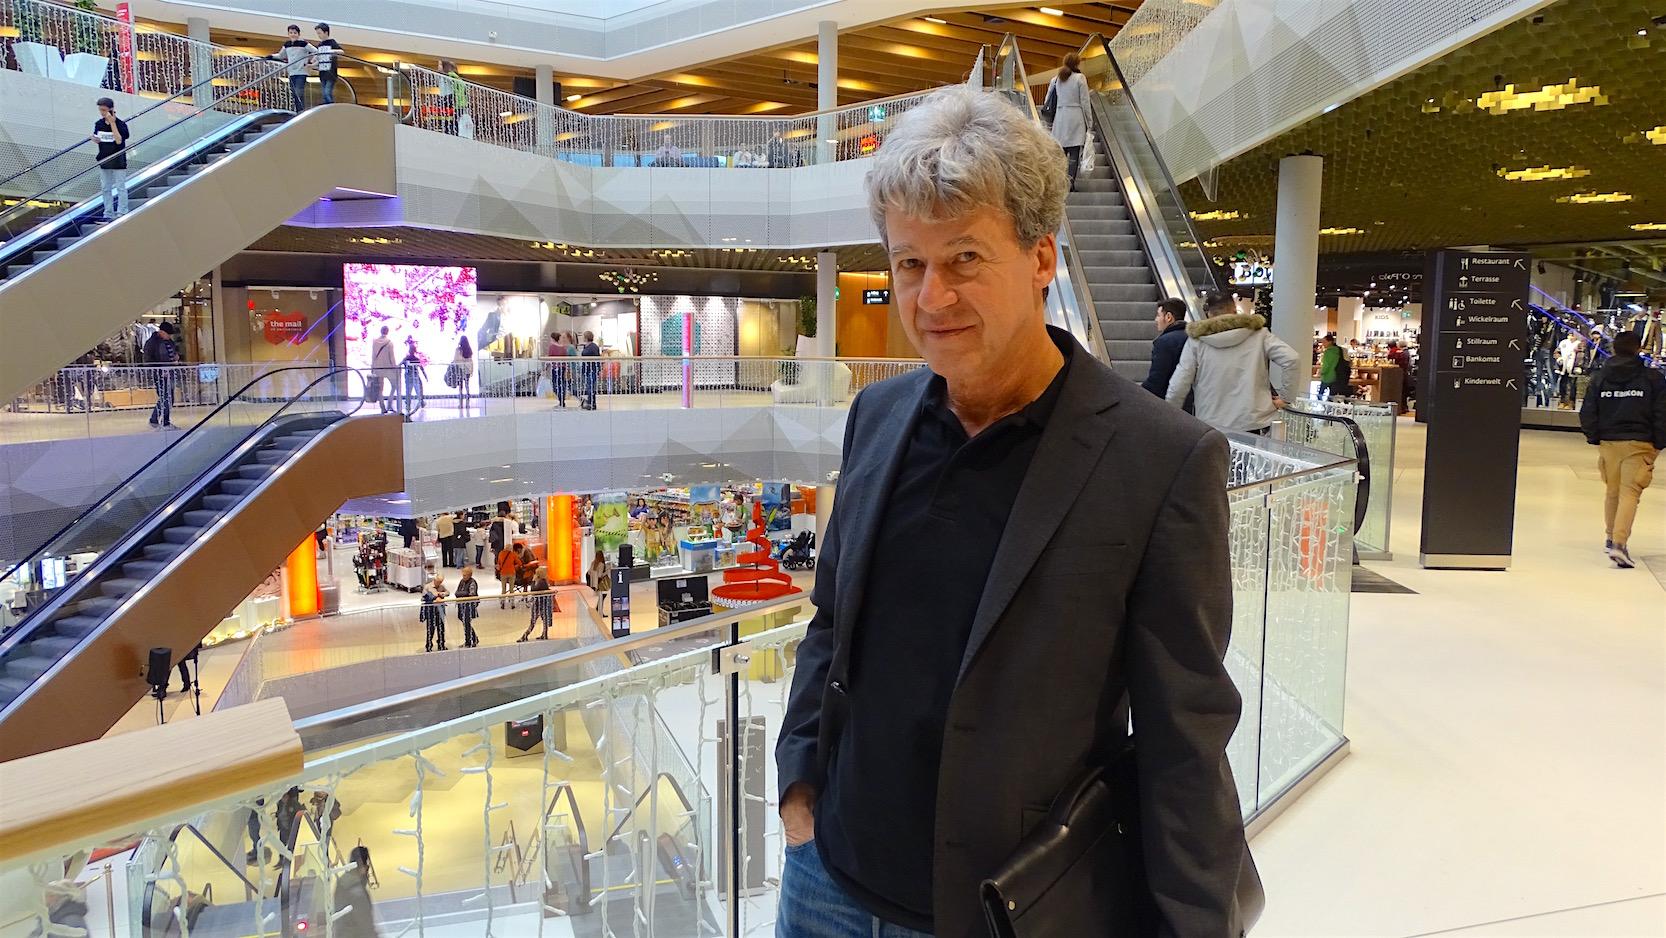 Werner Schaeppi, Kommunikationsbeauftragter der Mall of Switzerland, klärt über notwendige Erfordernisse auf.